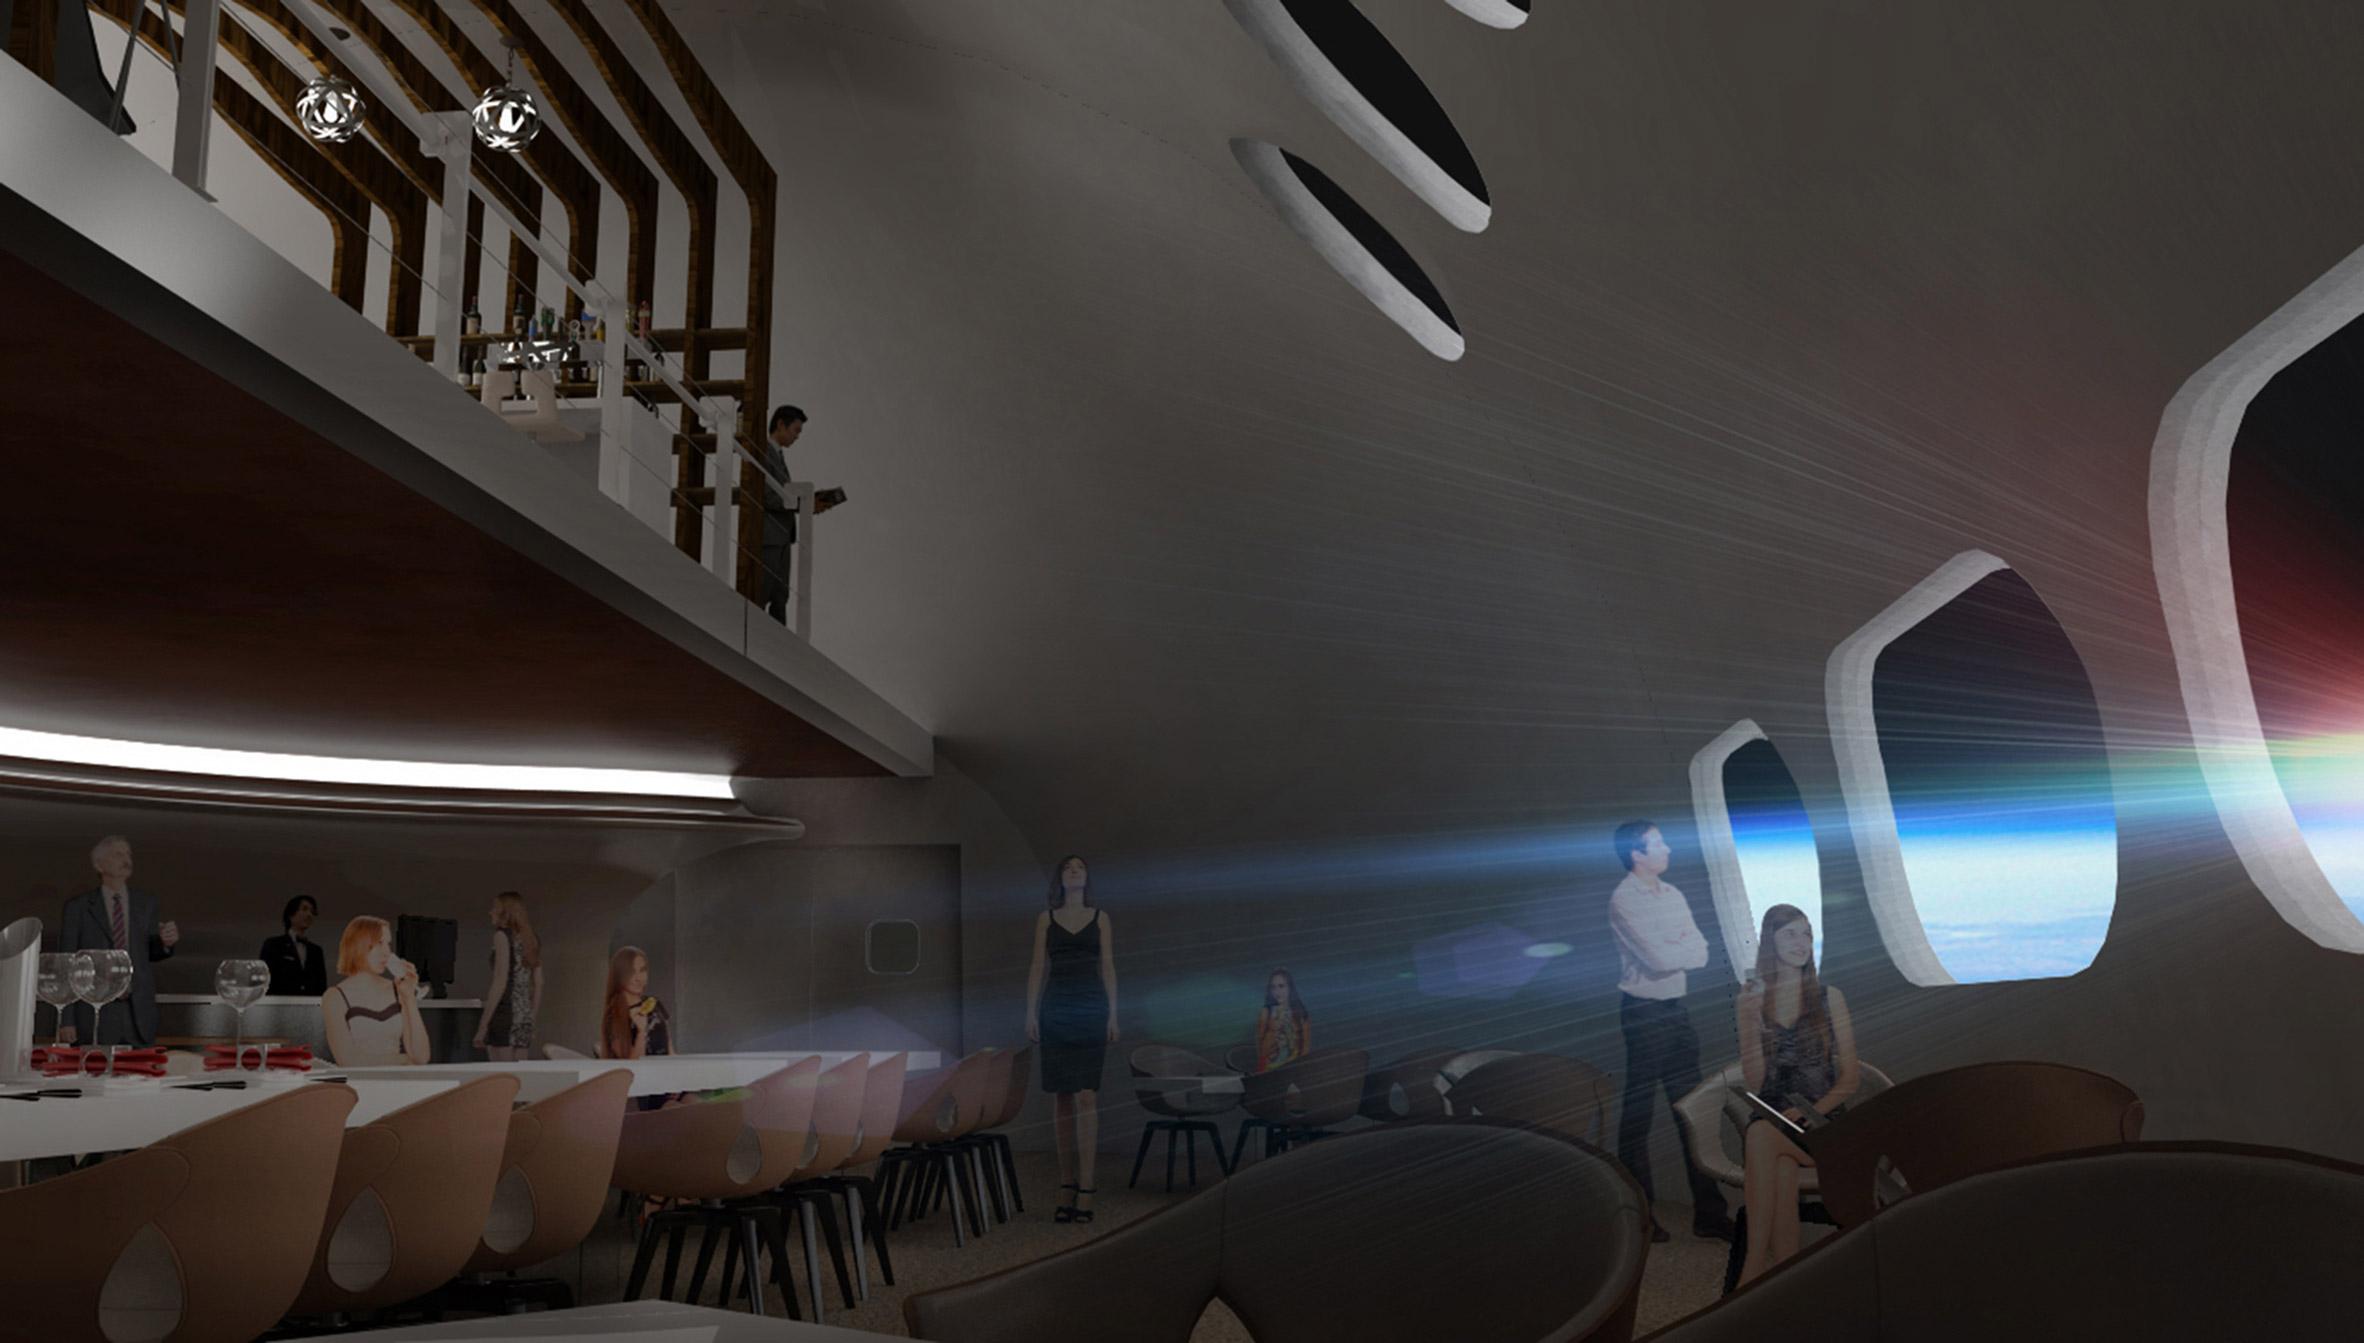 Primer hotel espacial abriría sus puertas en 2027